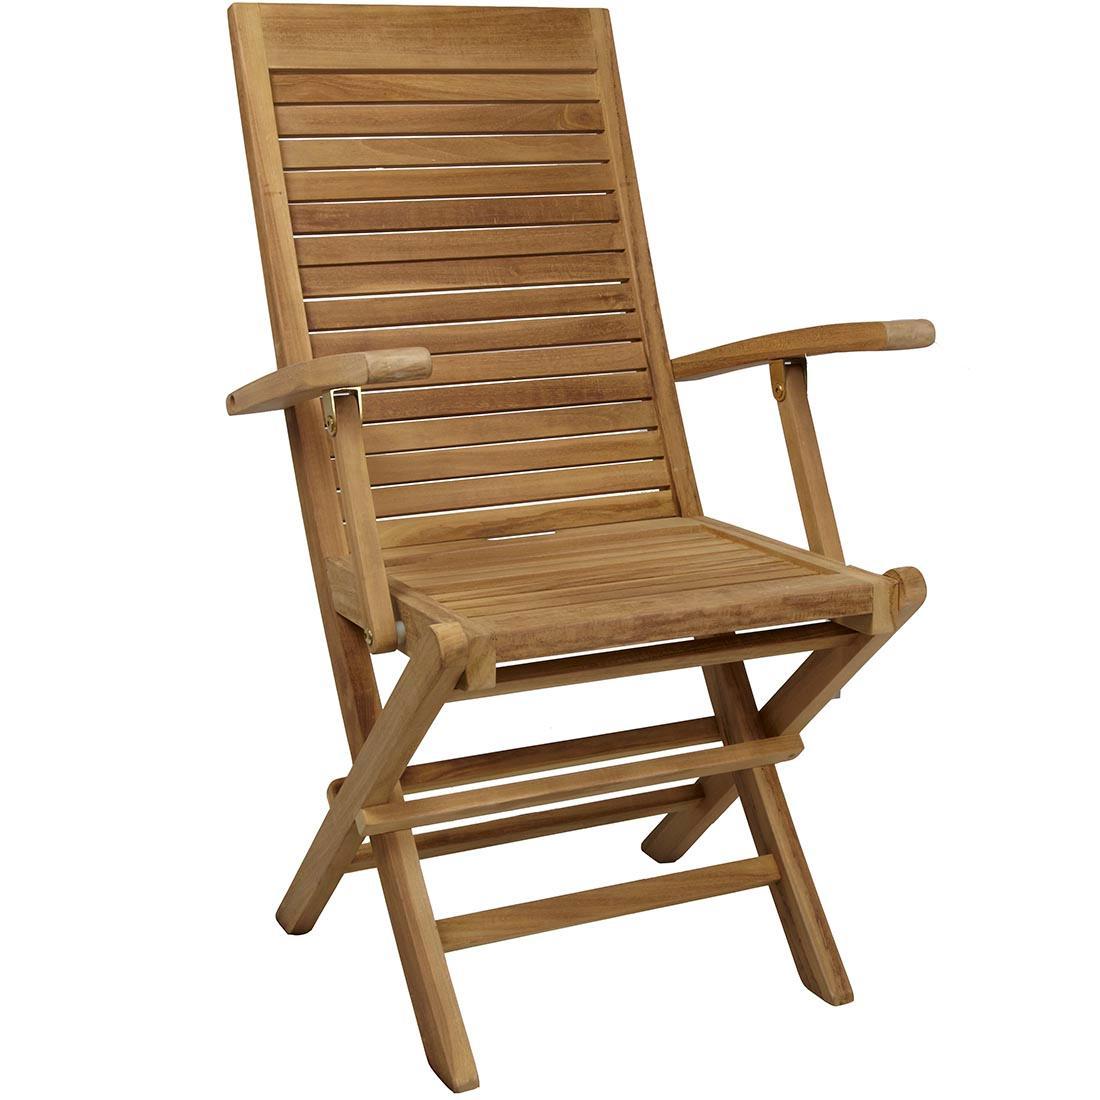 Silla sunny con brazos plegable y reforzada teca oferta for Oferta sillas jardin